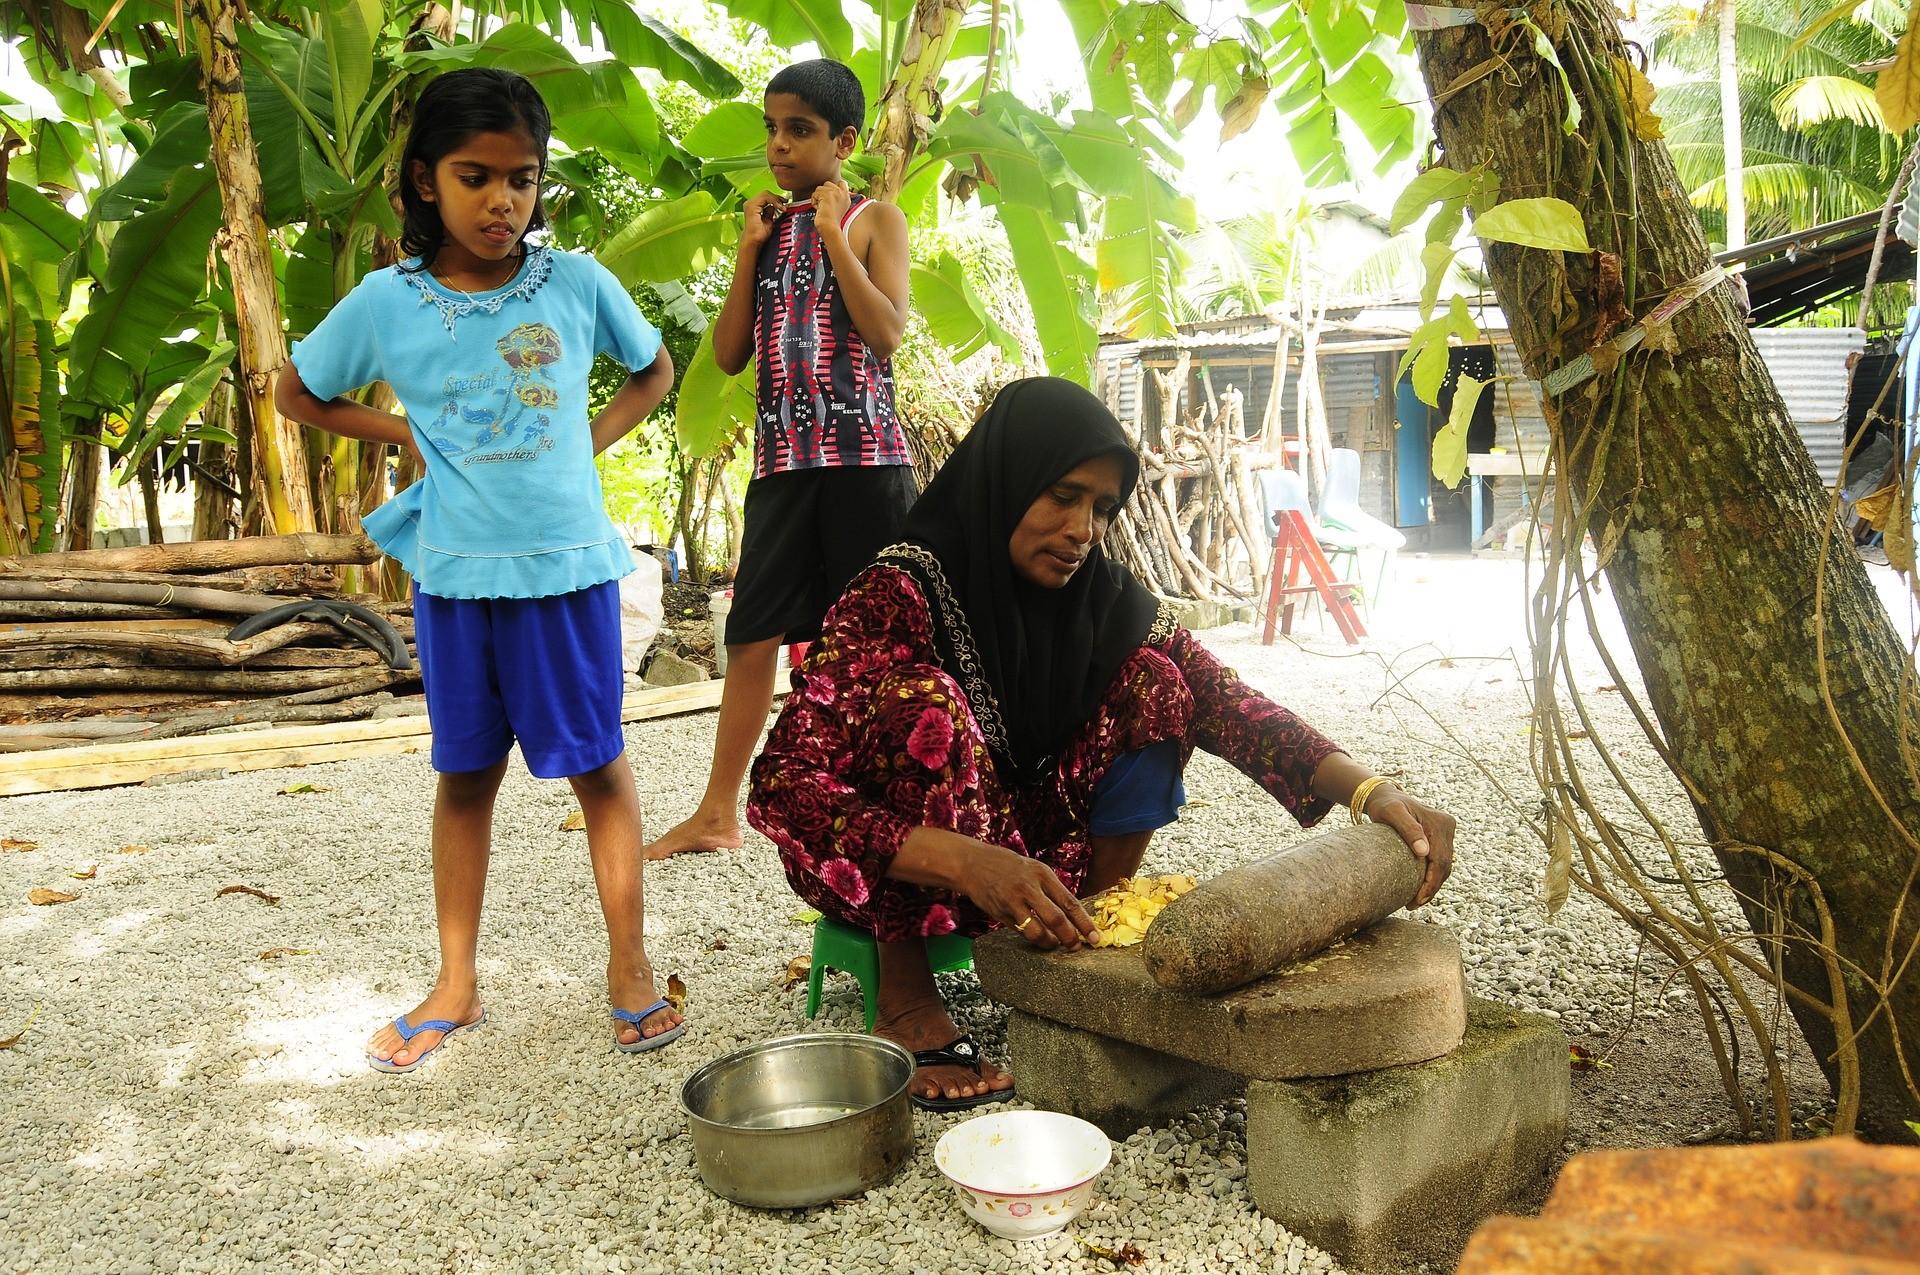 الهجرة إلى المالديف